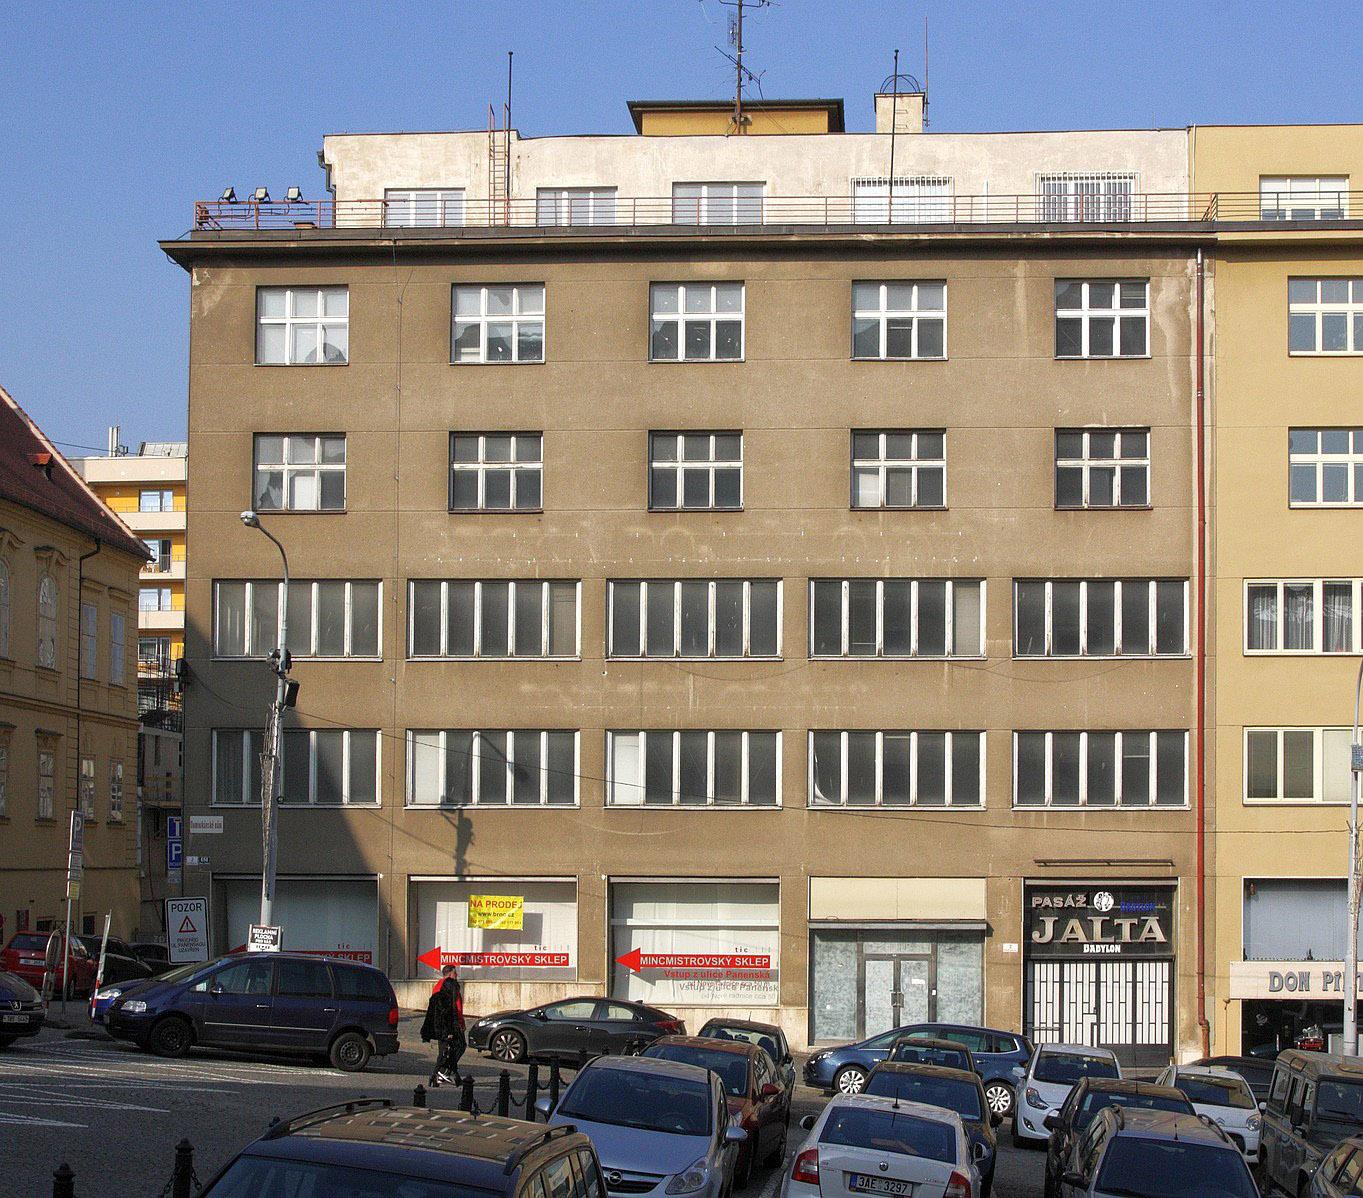 1363px-Brno_-_Dominikánské_náměstí,_pasáž_Jalta